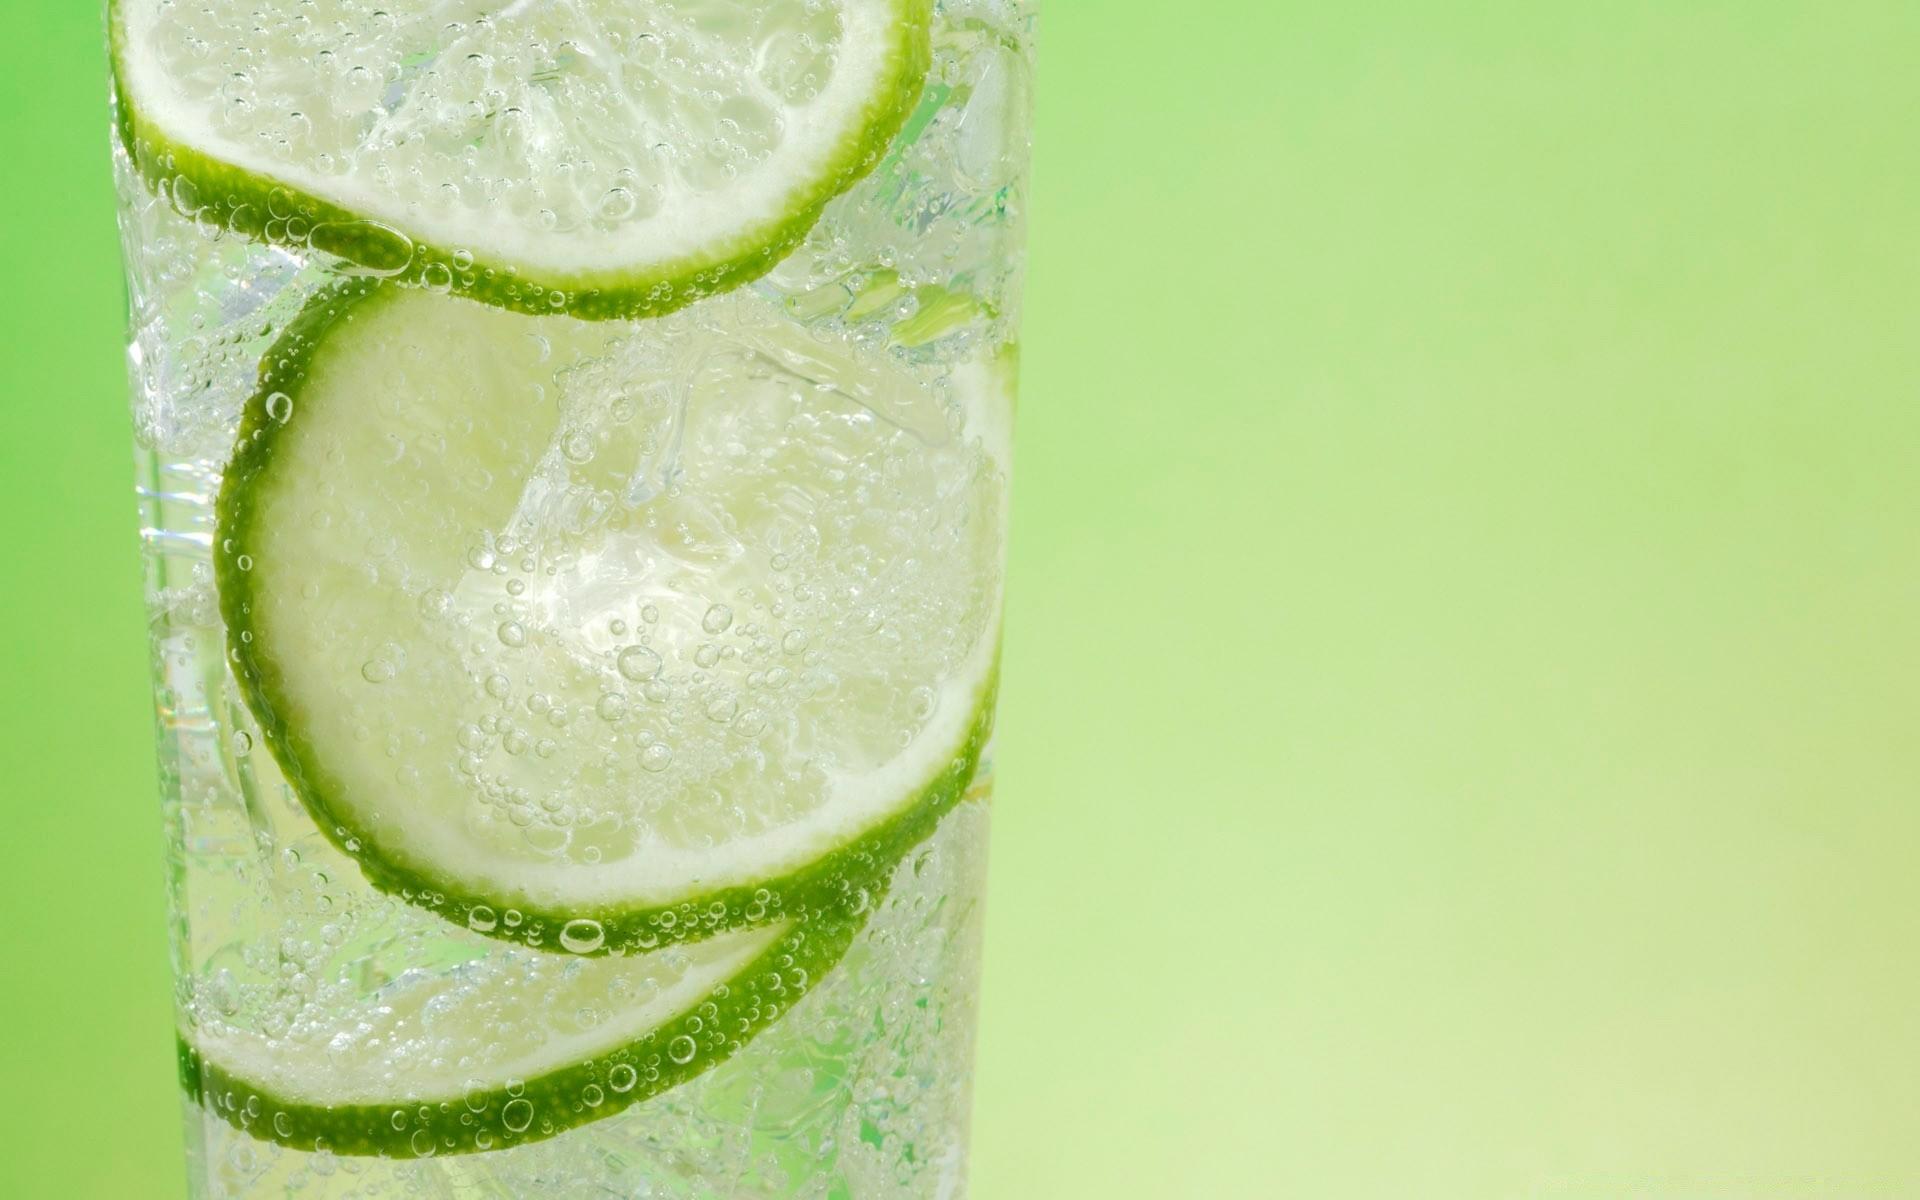 Дольки лимона в стакане  № 3698221 загрузить